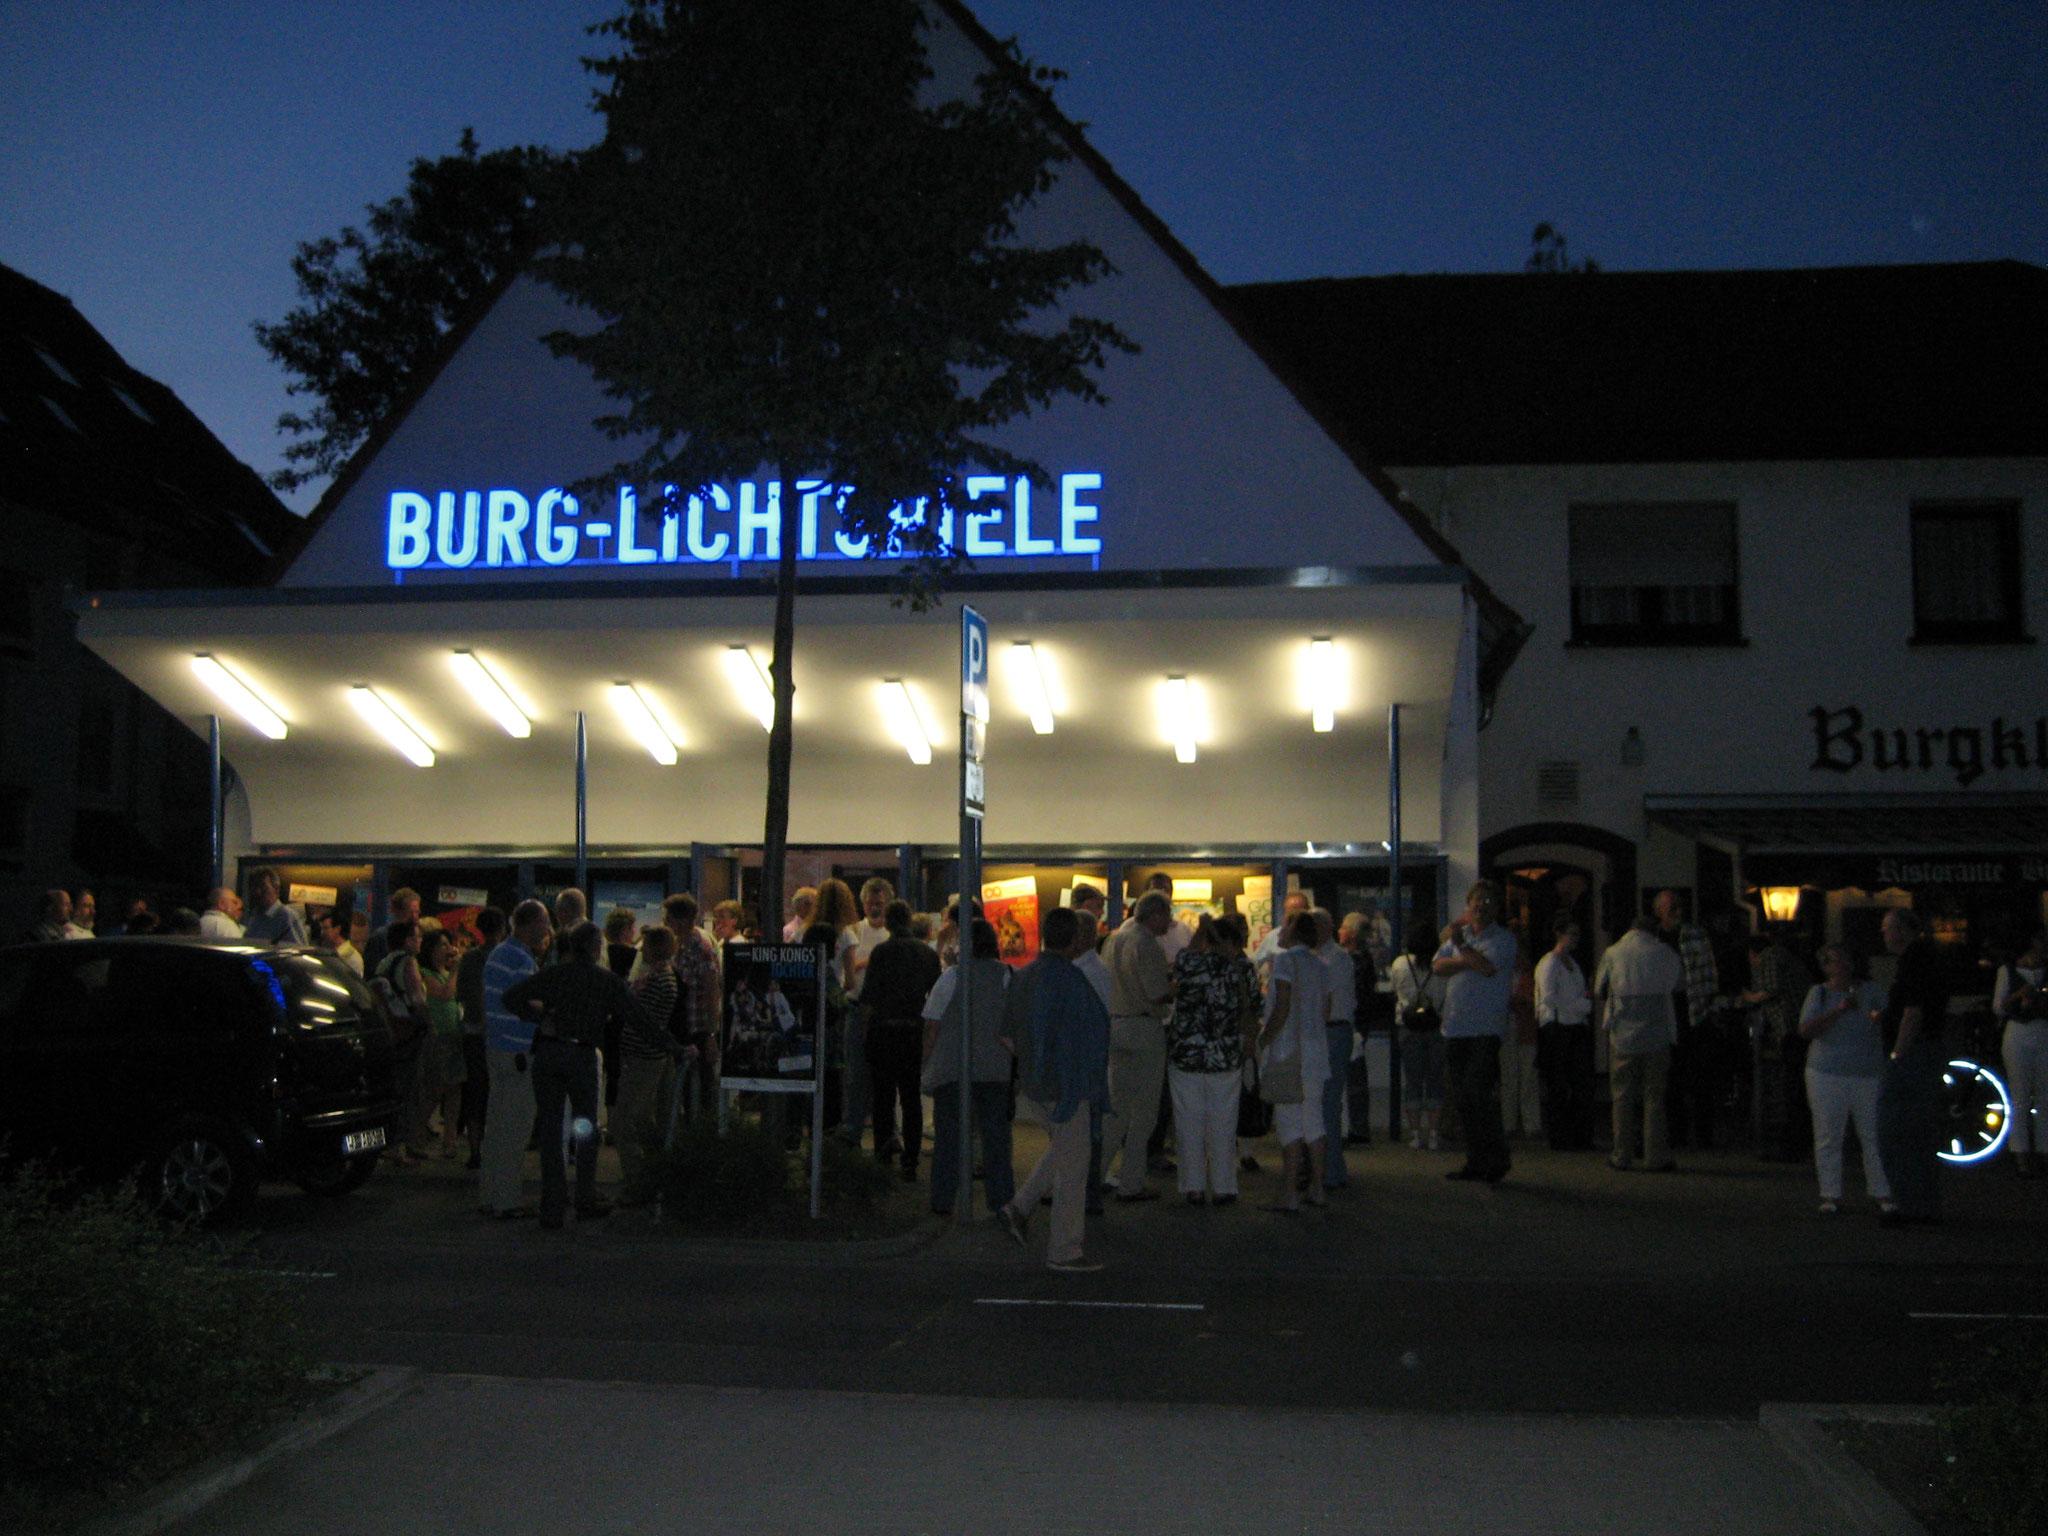 Burglichtspiele Gustavsburg